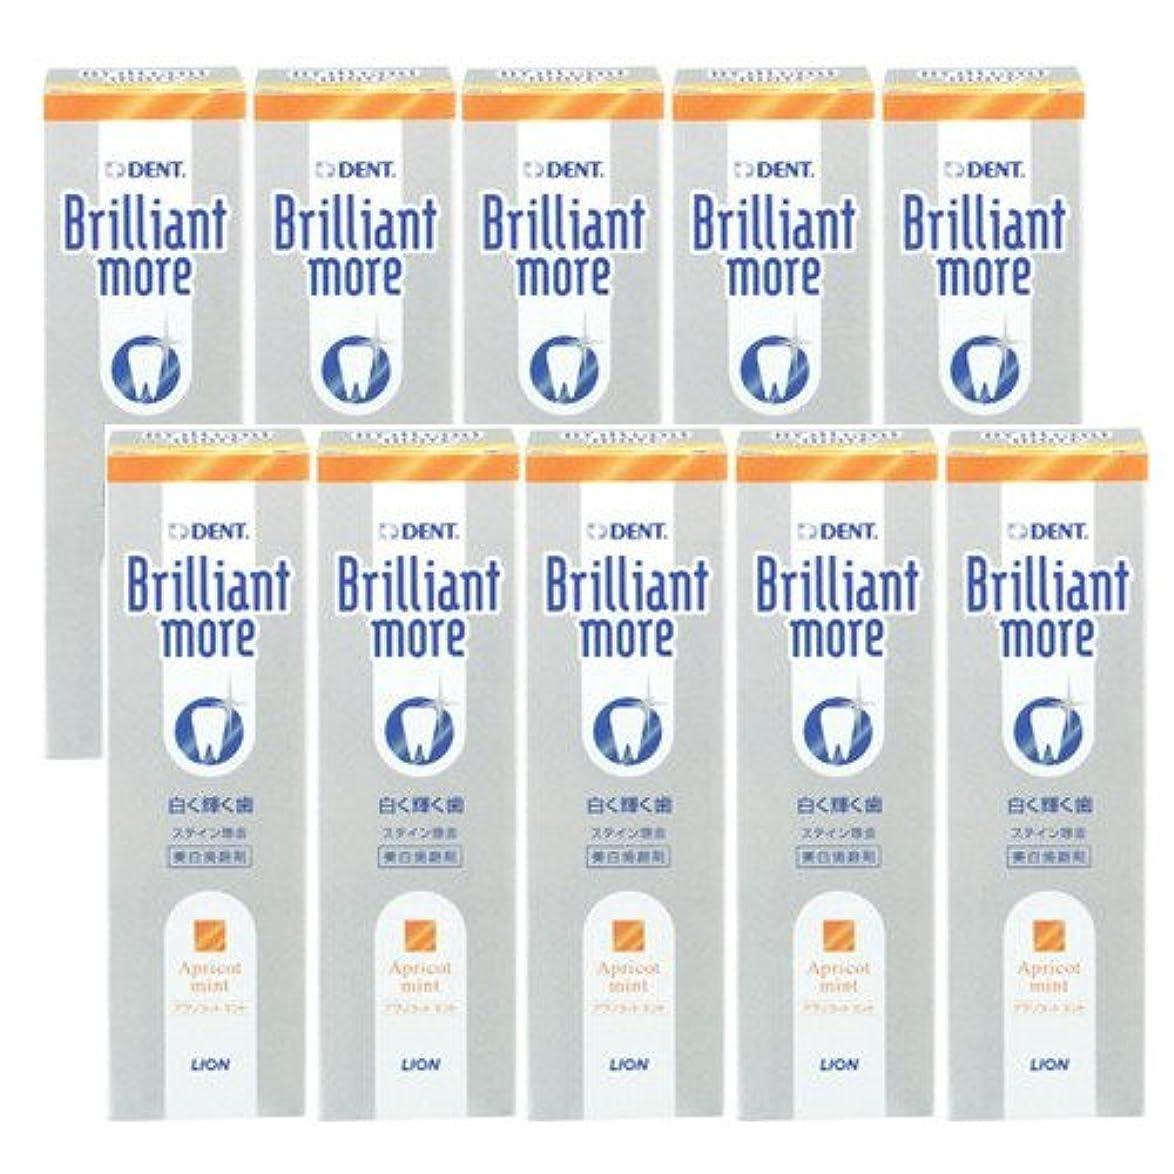 ペルセウス潜在的な眠るライオン ブリリアントモア アプリコットミント 美白歯磨剤 LION Brilliant more 10本セット